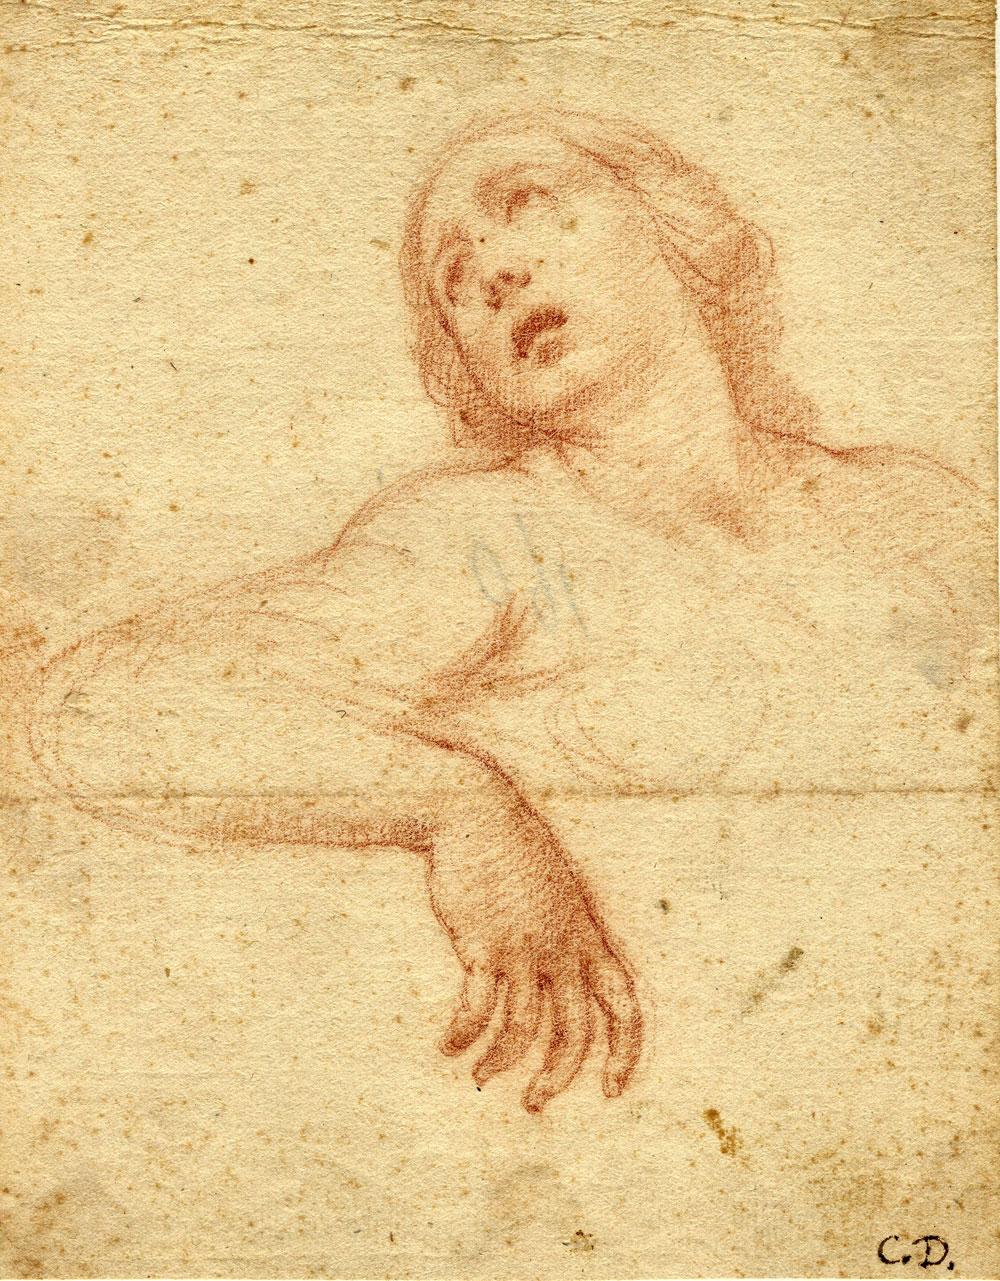 Maxi donazione di Carlo Pineider agli Uffizi: più di cento disegni e acqueforti